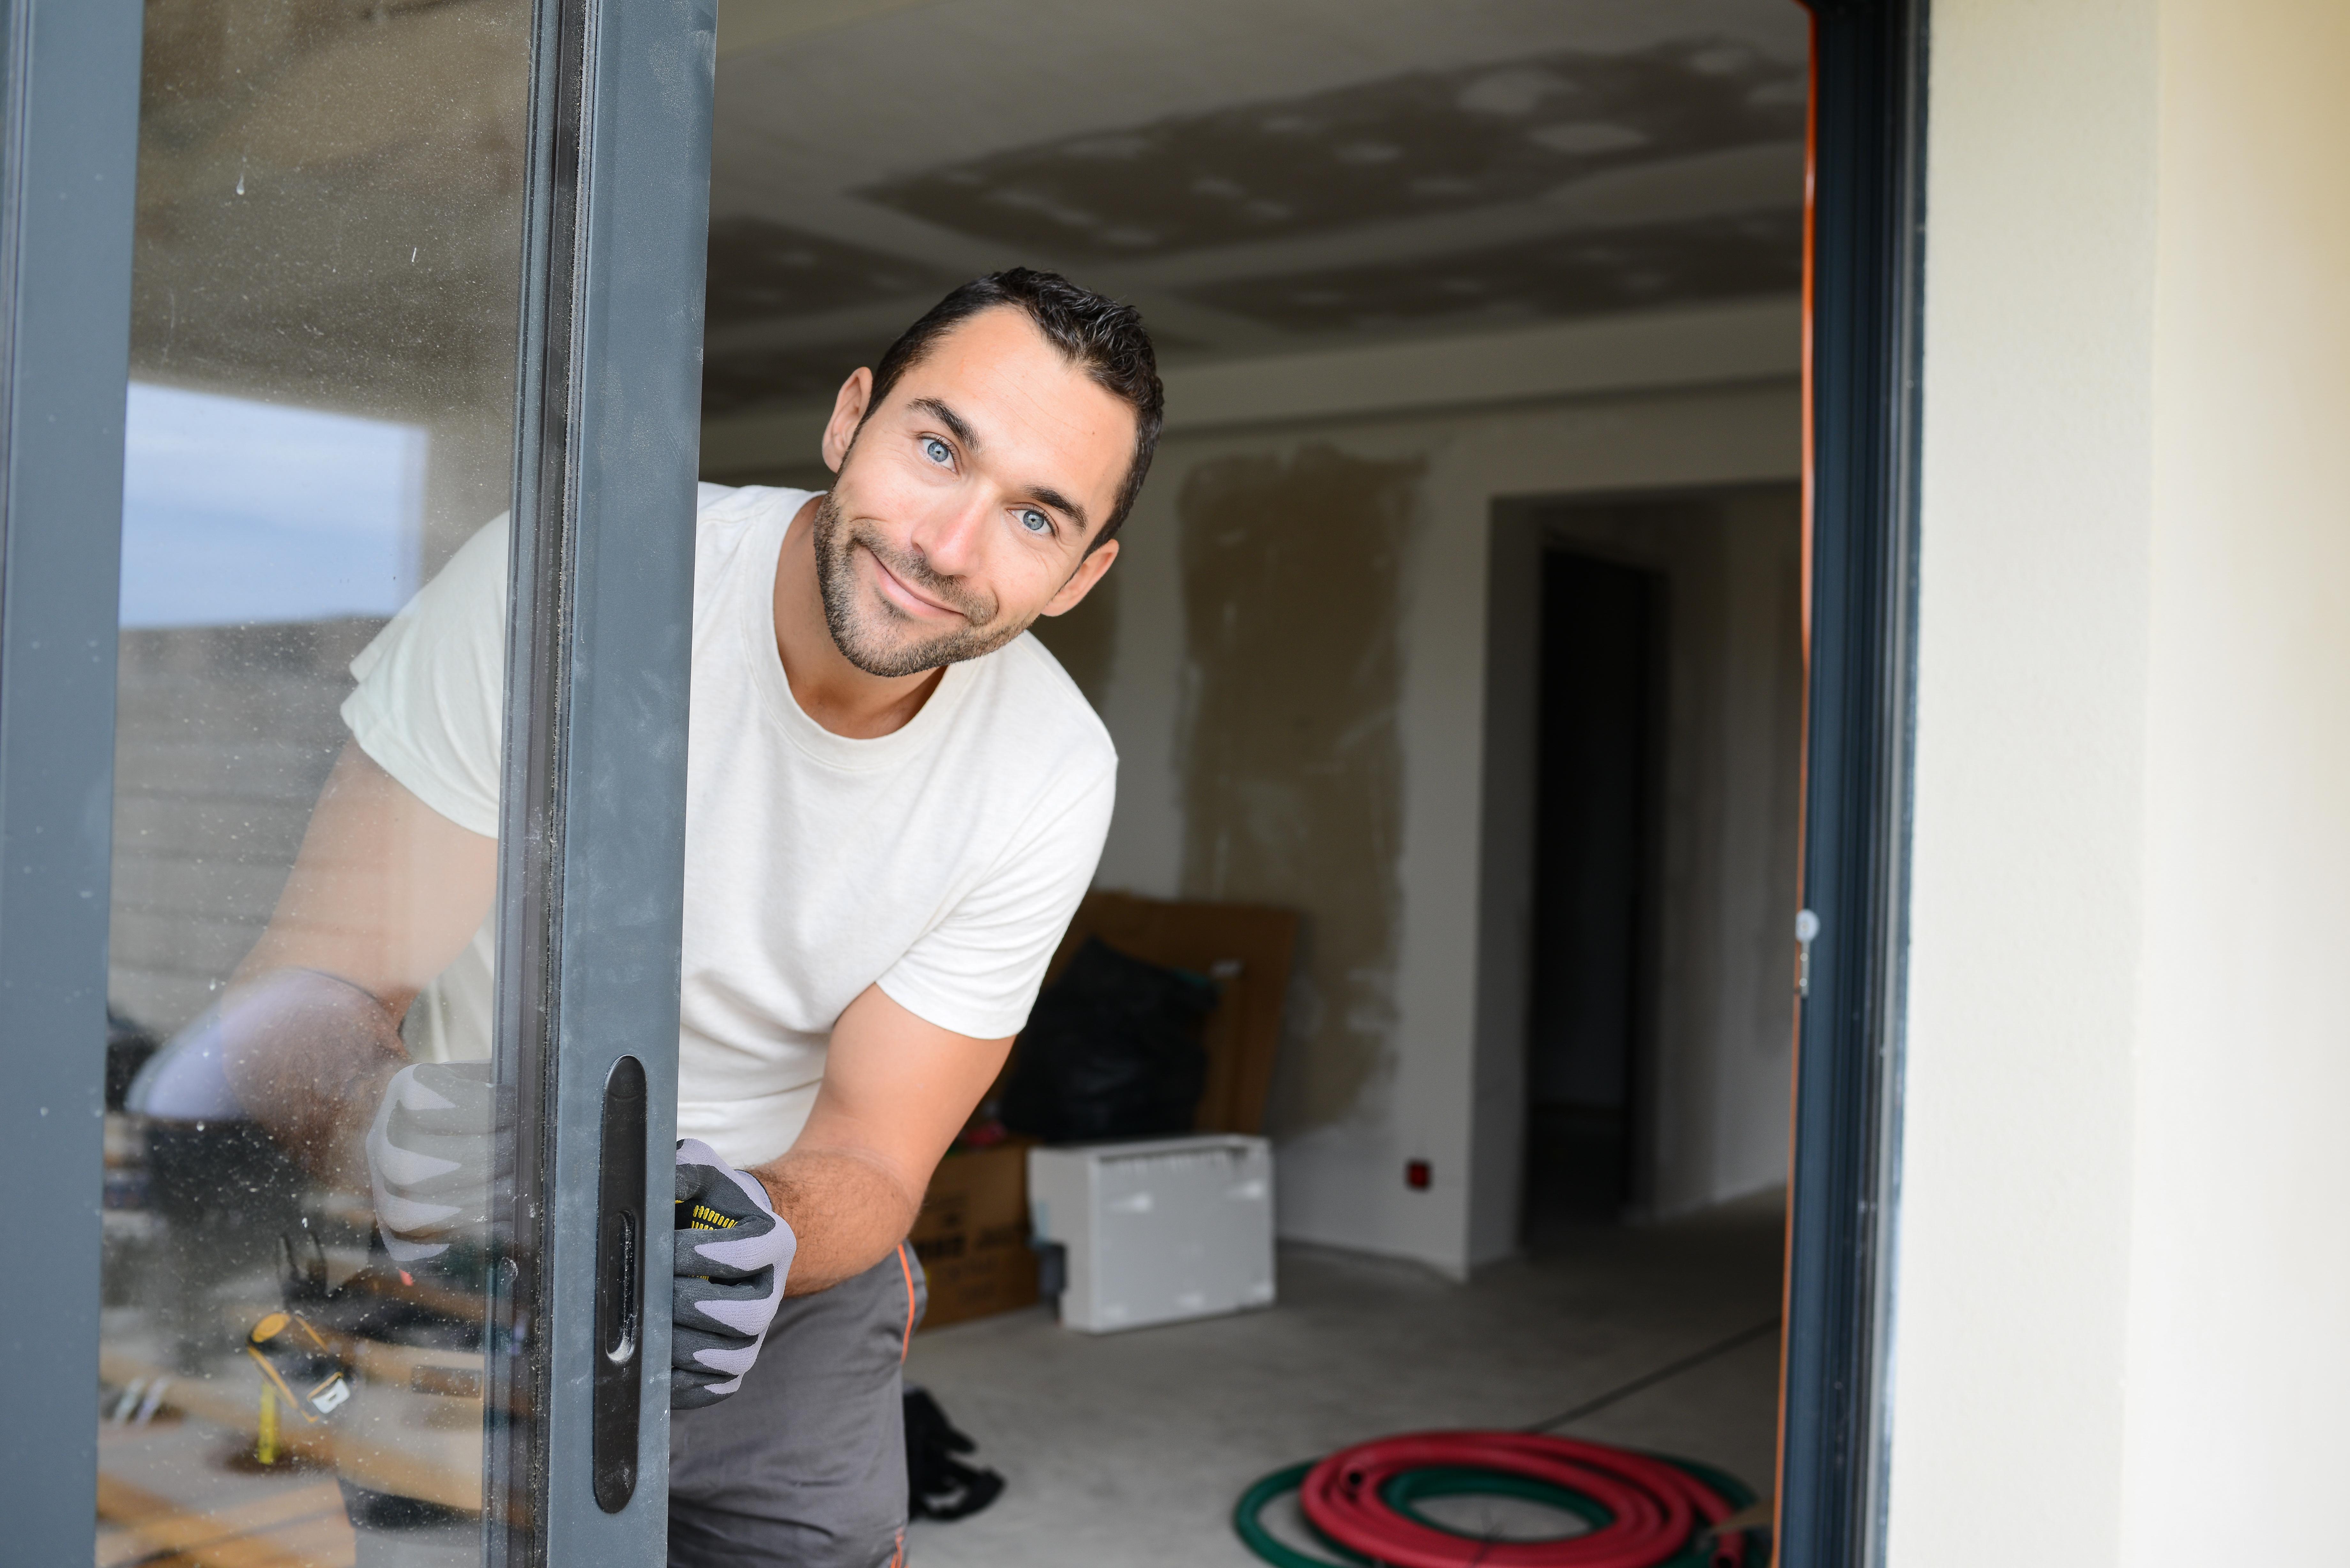 Faire Une Fenetre Dans Un Mur Porteur Prix tarifs de pose d'une fenêtre et conseils de choix